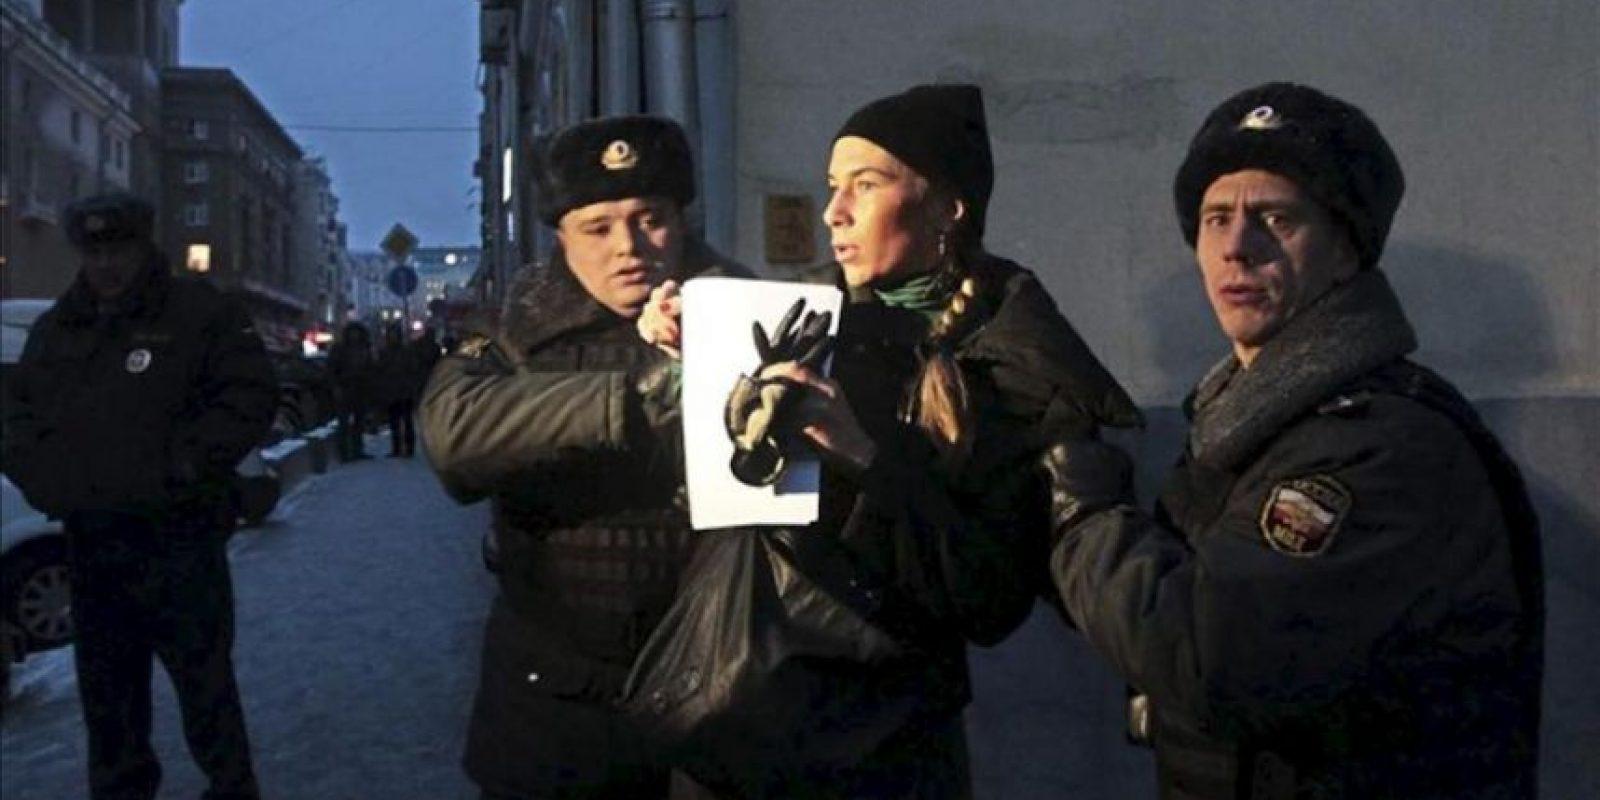 La policía detiene a una mujer que protesta contra de la prohibición de adopción de huérfanos rusos a ciudadanos americanos a las puertas del Consejo de la Federación en Moscú. EFE